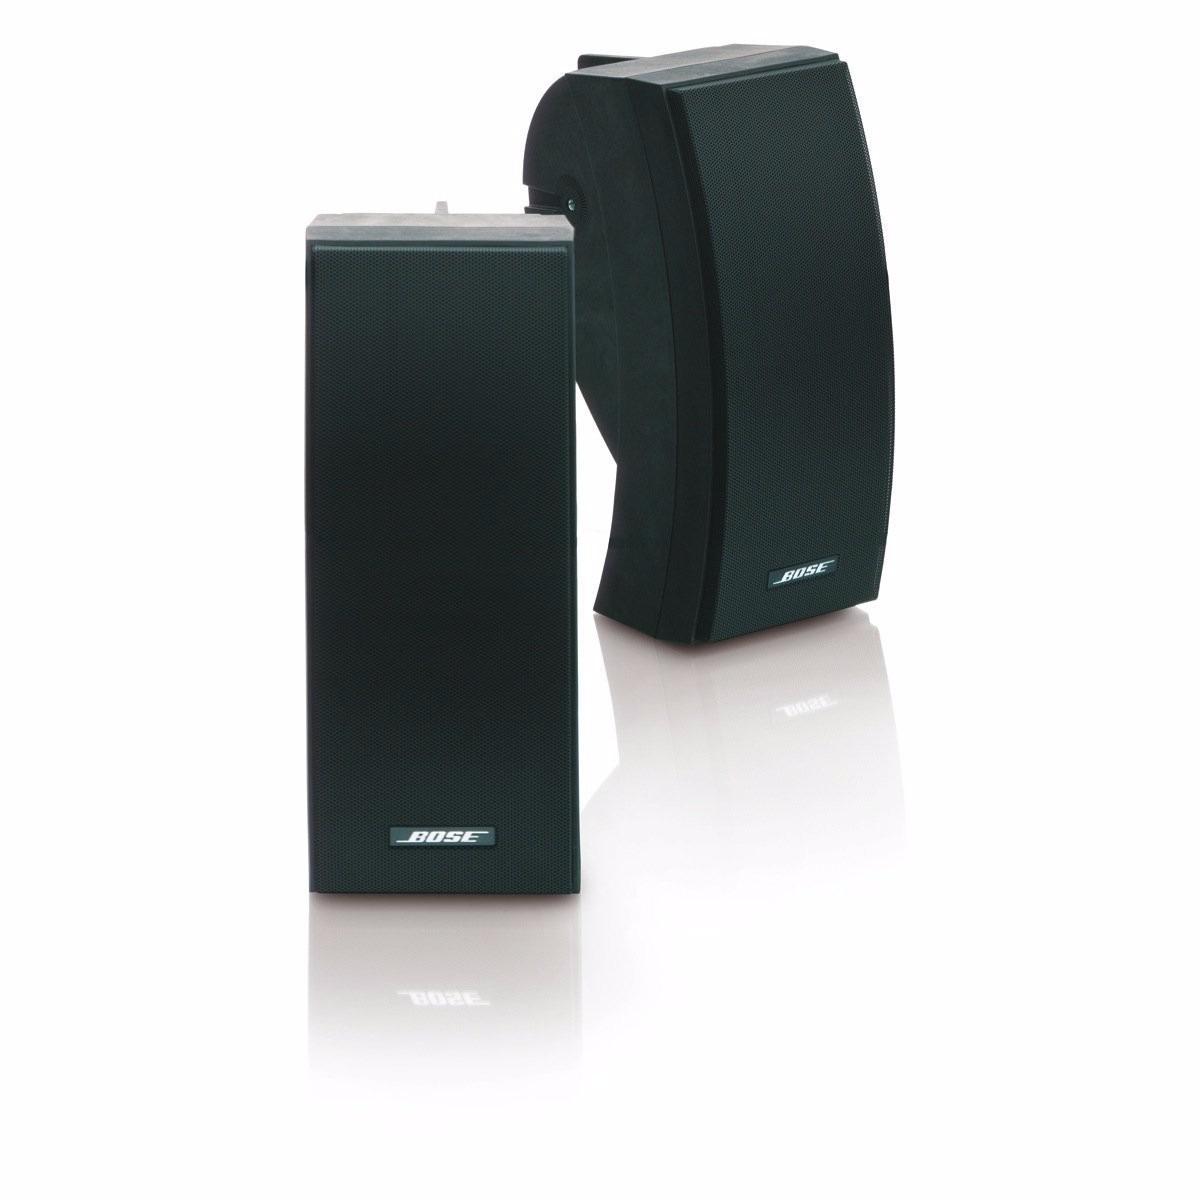 Kit Bocinas Bose Amplificador Altavoces Con Bluetooth Wifi